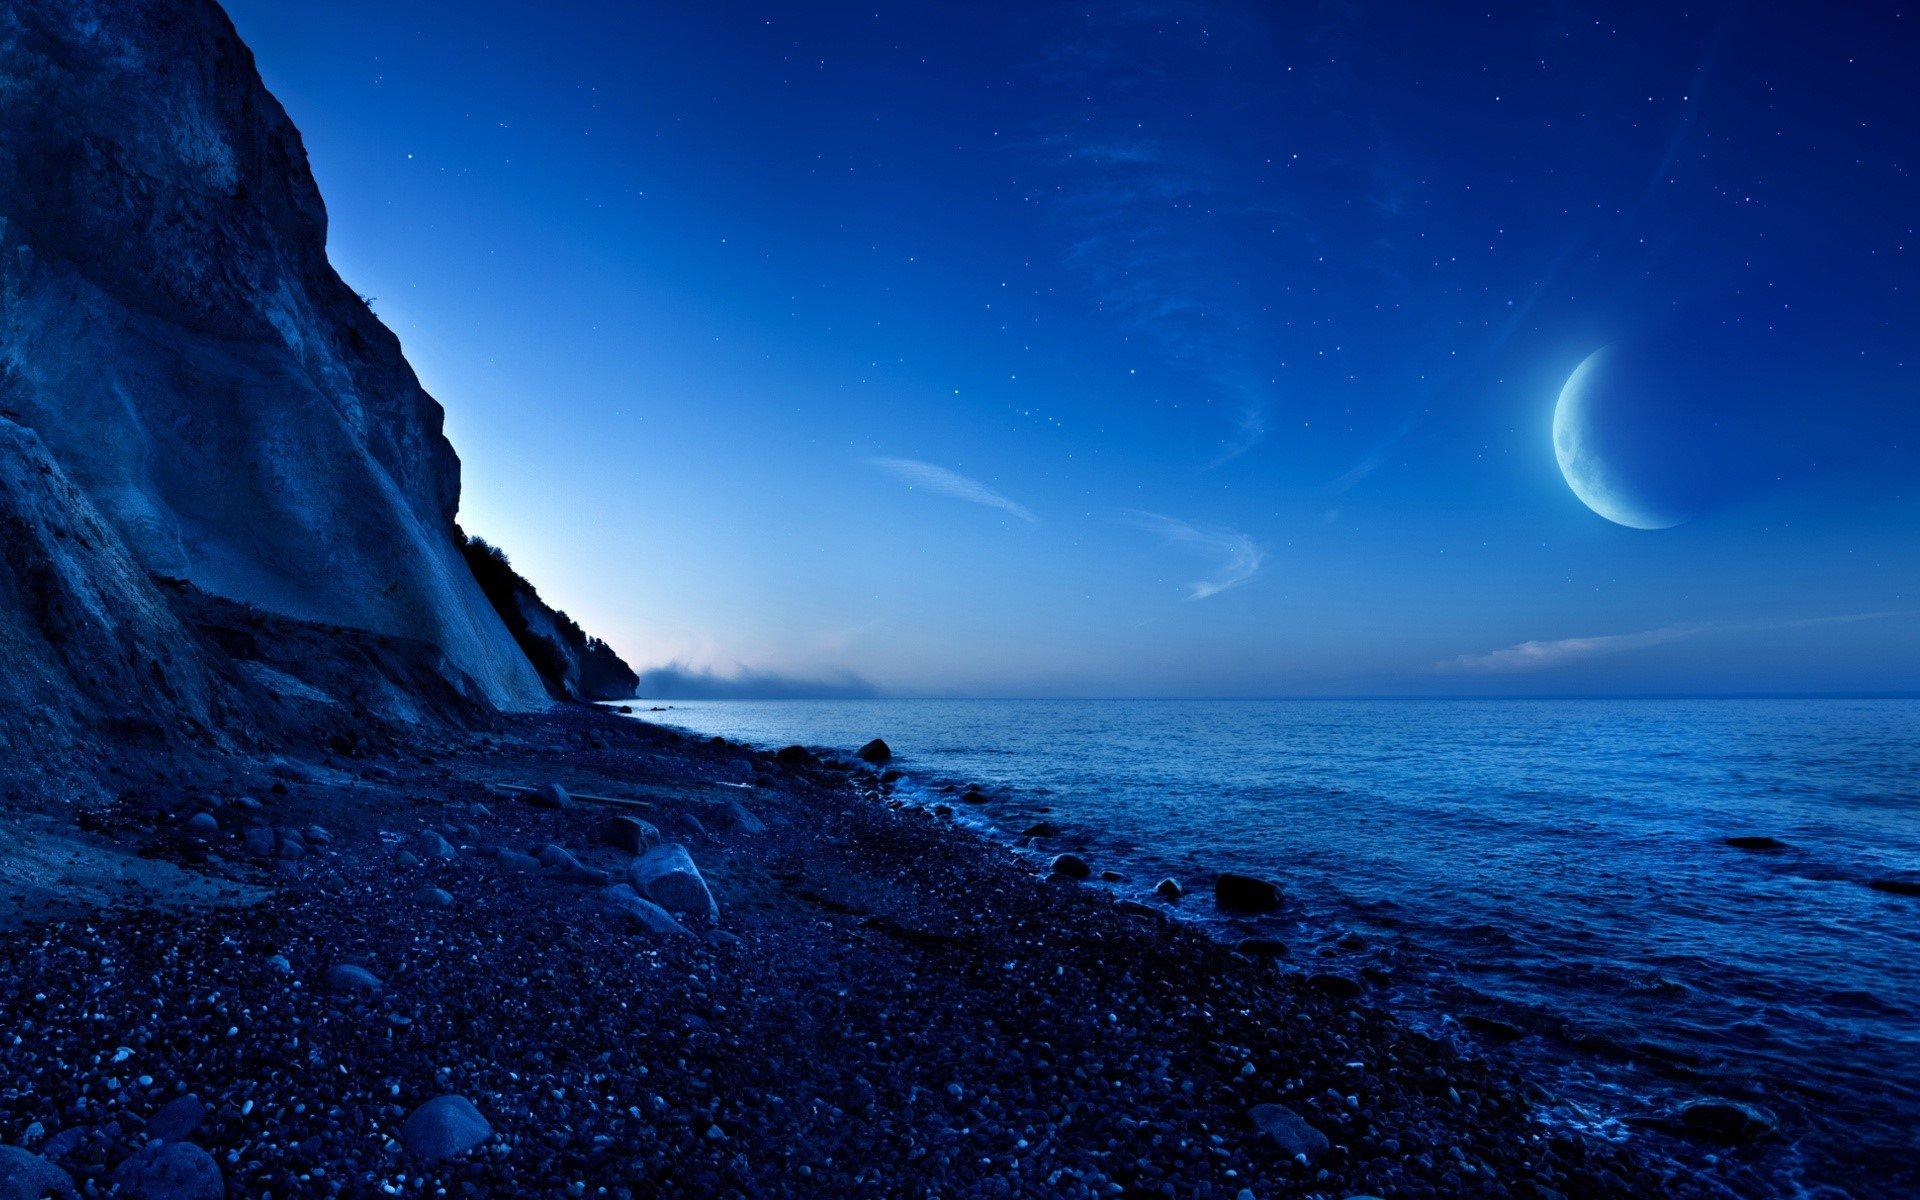 Fondo de pantalla de Anochecer en montaña y mar Imágenes